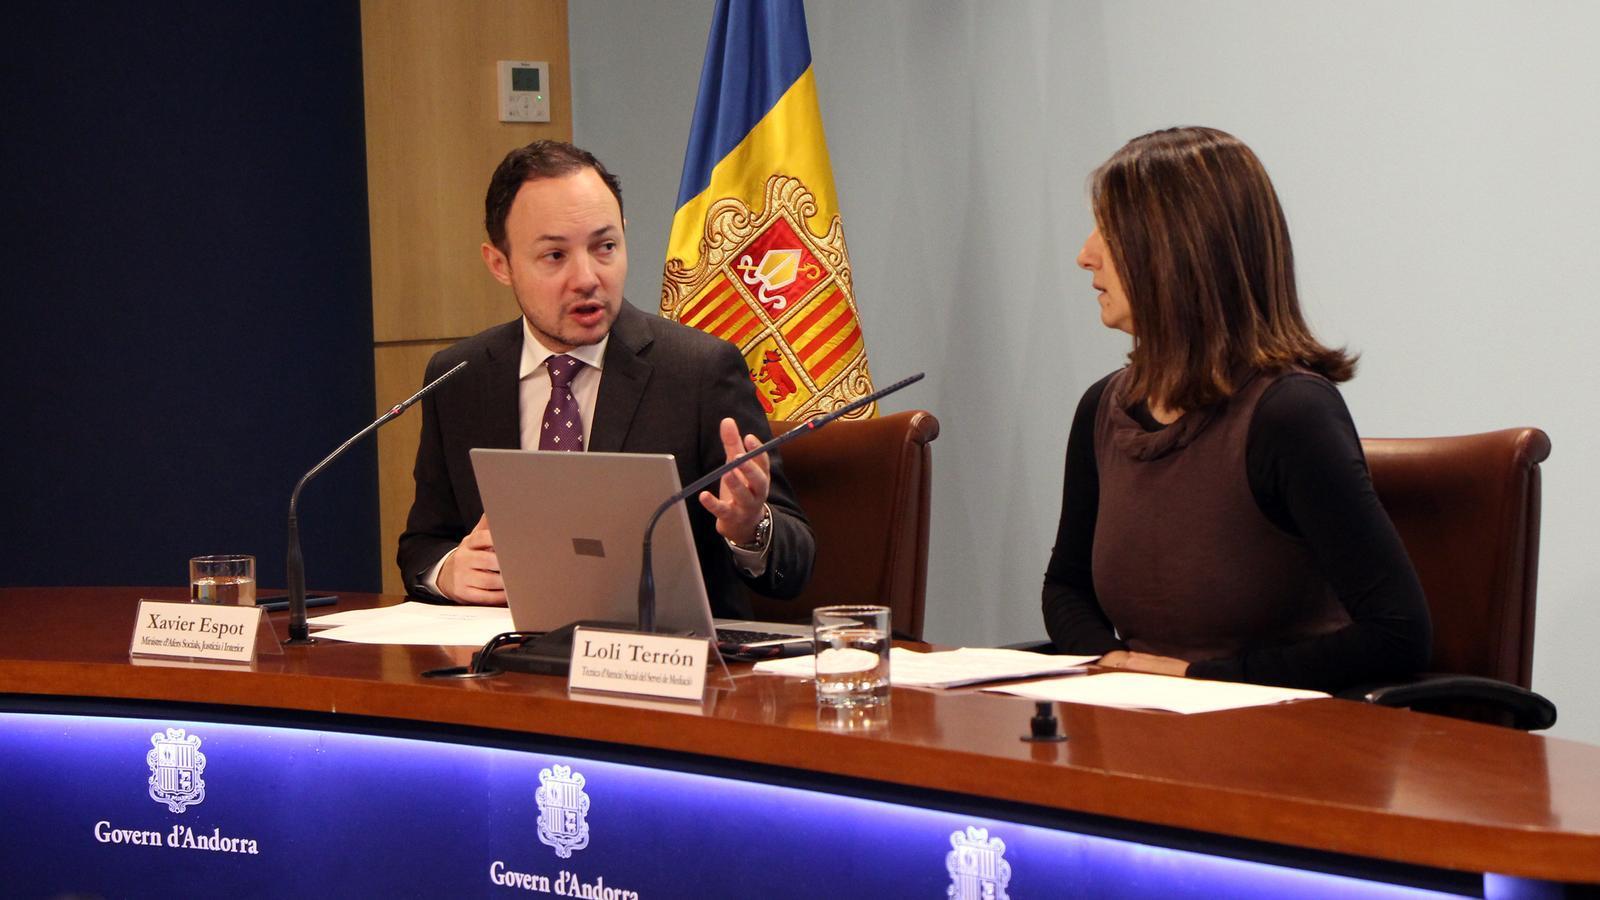 El ministre d'Afers Socials, Justícia i Interior, Xavier Espot, i la tècnica d'Atenció Social del servei de Mediació, Loli Terrón, presenten les dades sobre mediació del 2018. / C. G. (ANA)